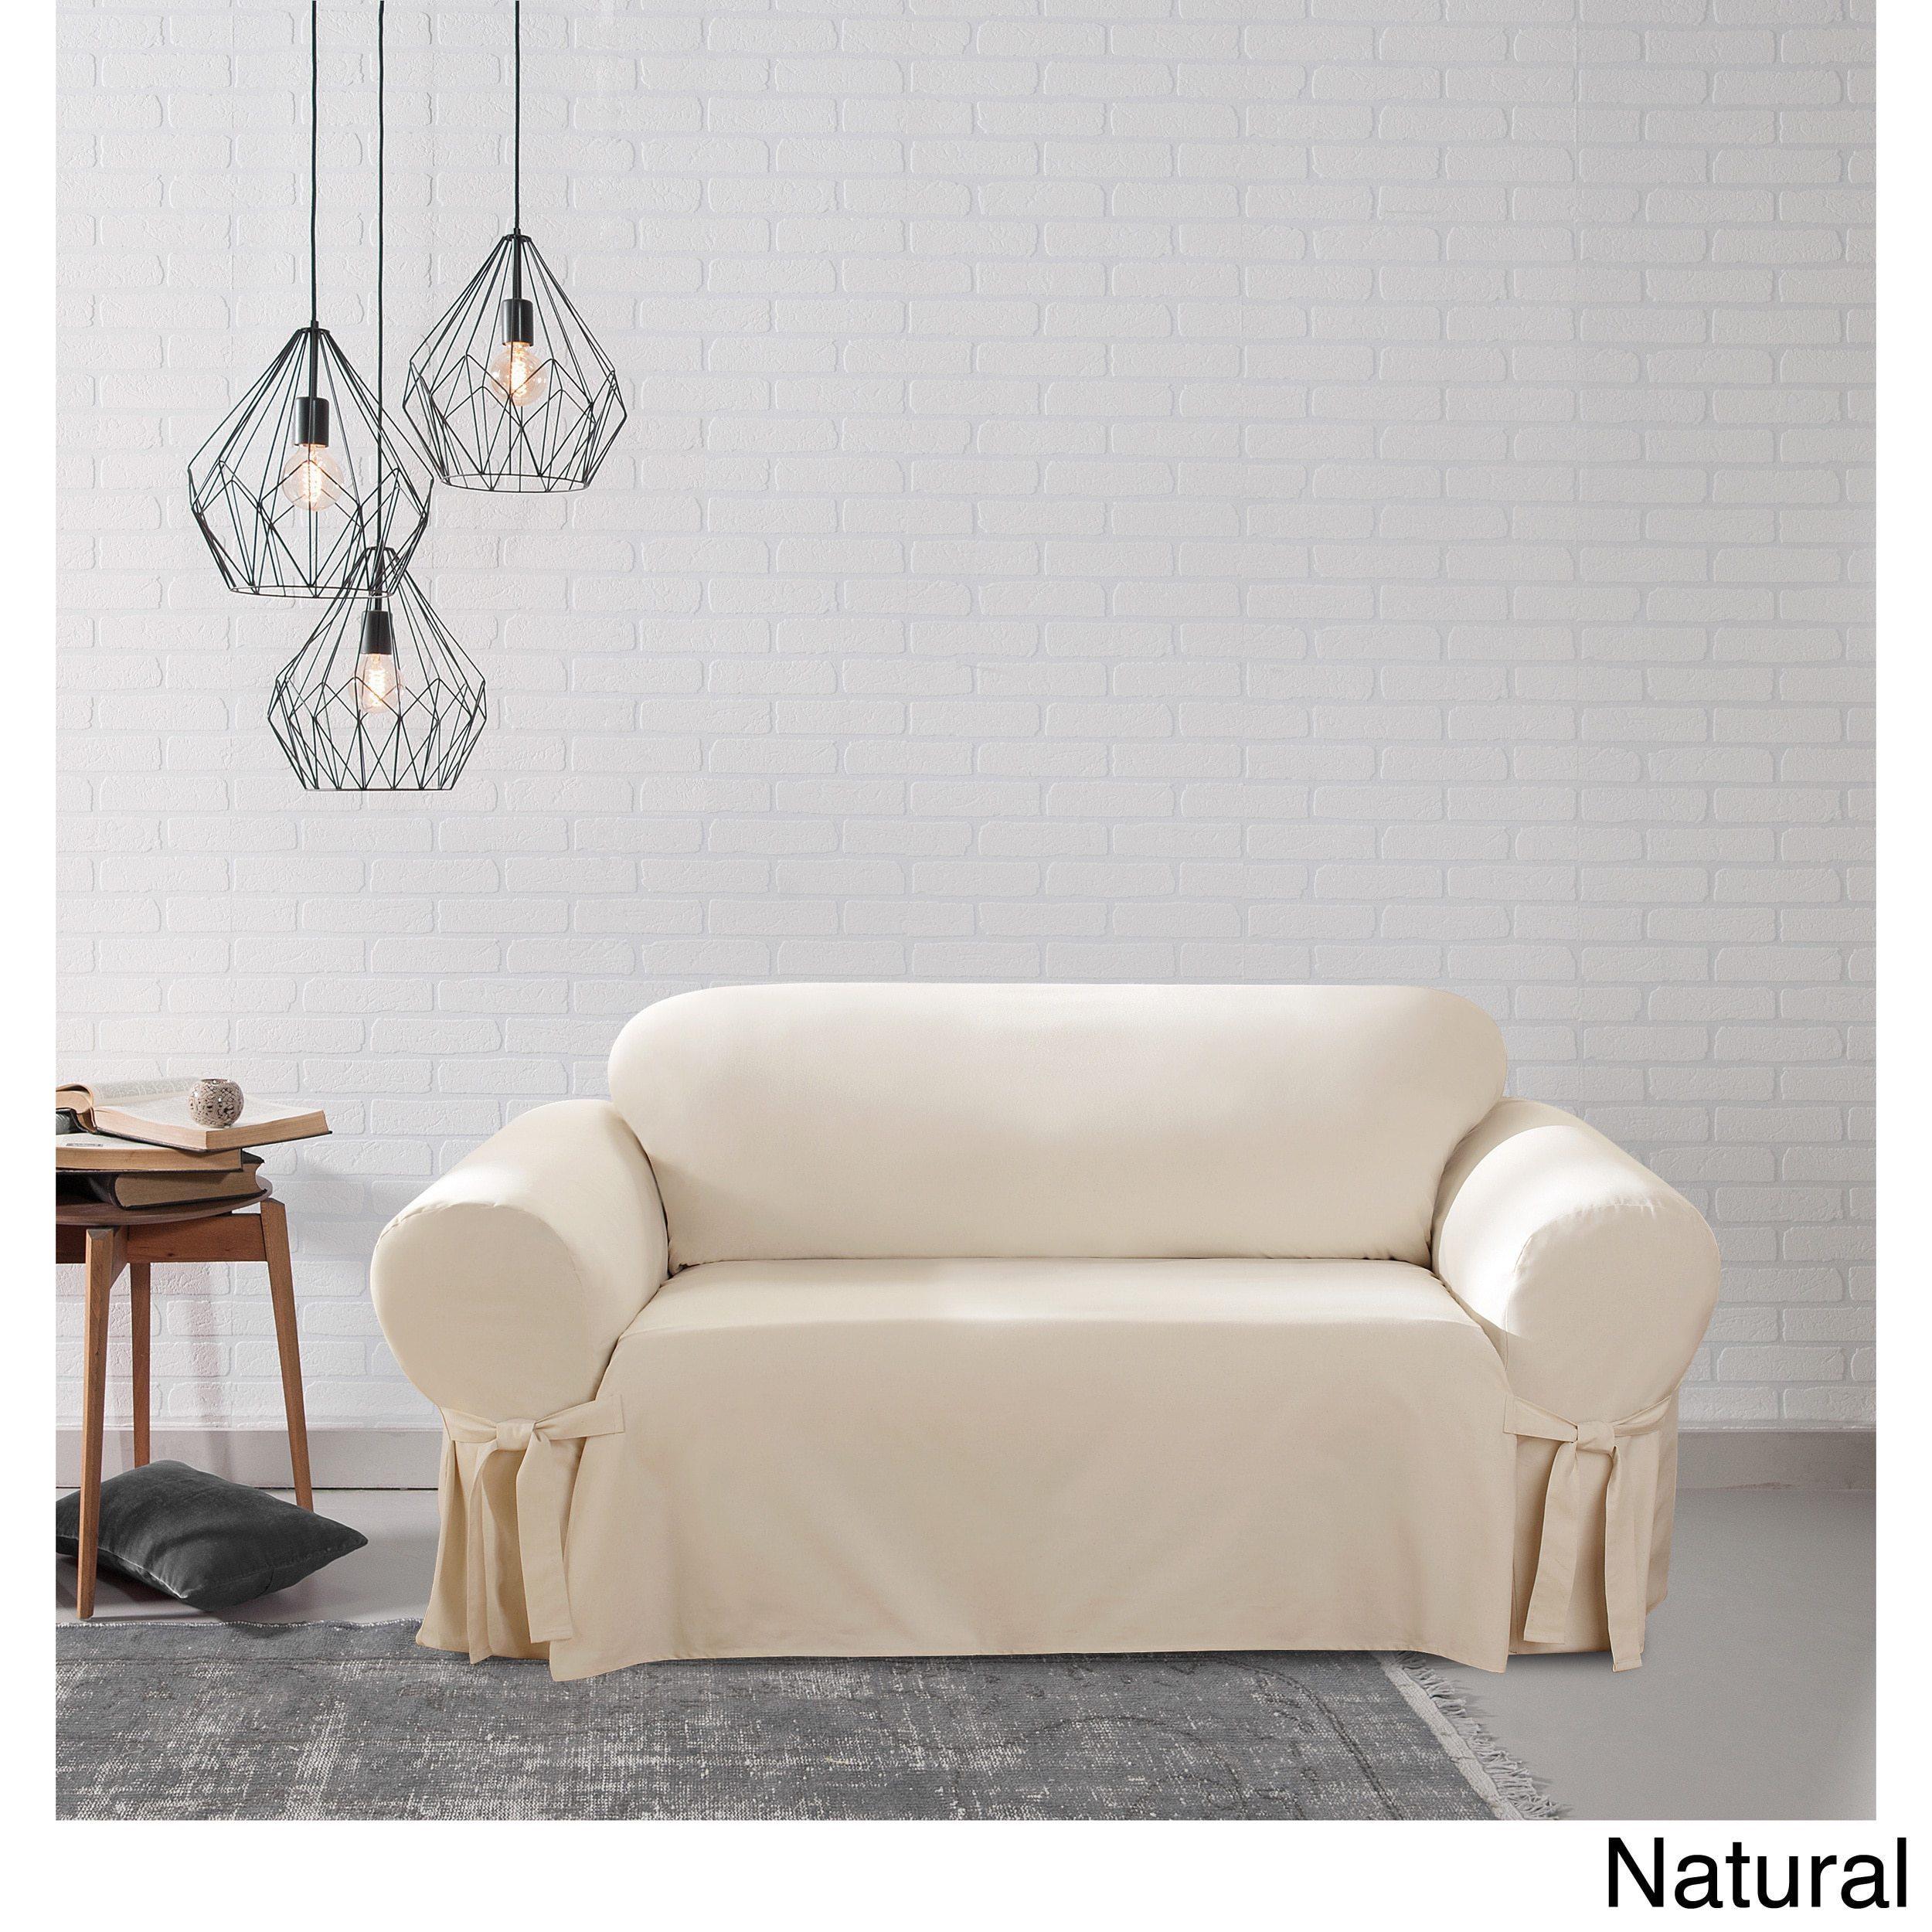 Phenomenal Sure Fit Cotton Duck Washable Loveseat Slipcover Interior Design Ideas Grebswwsoteloinfo